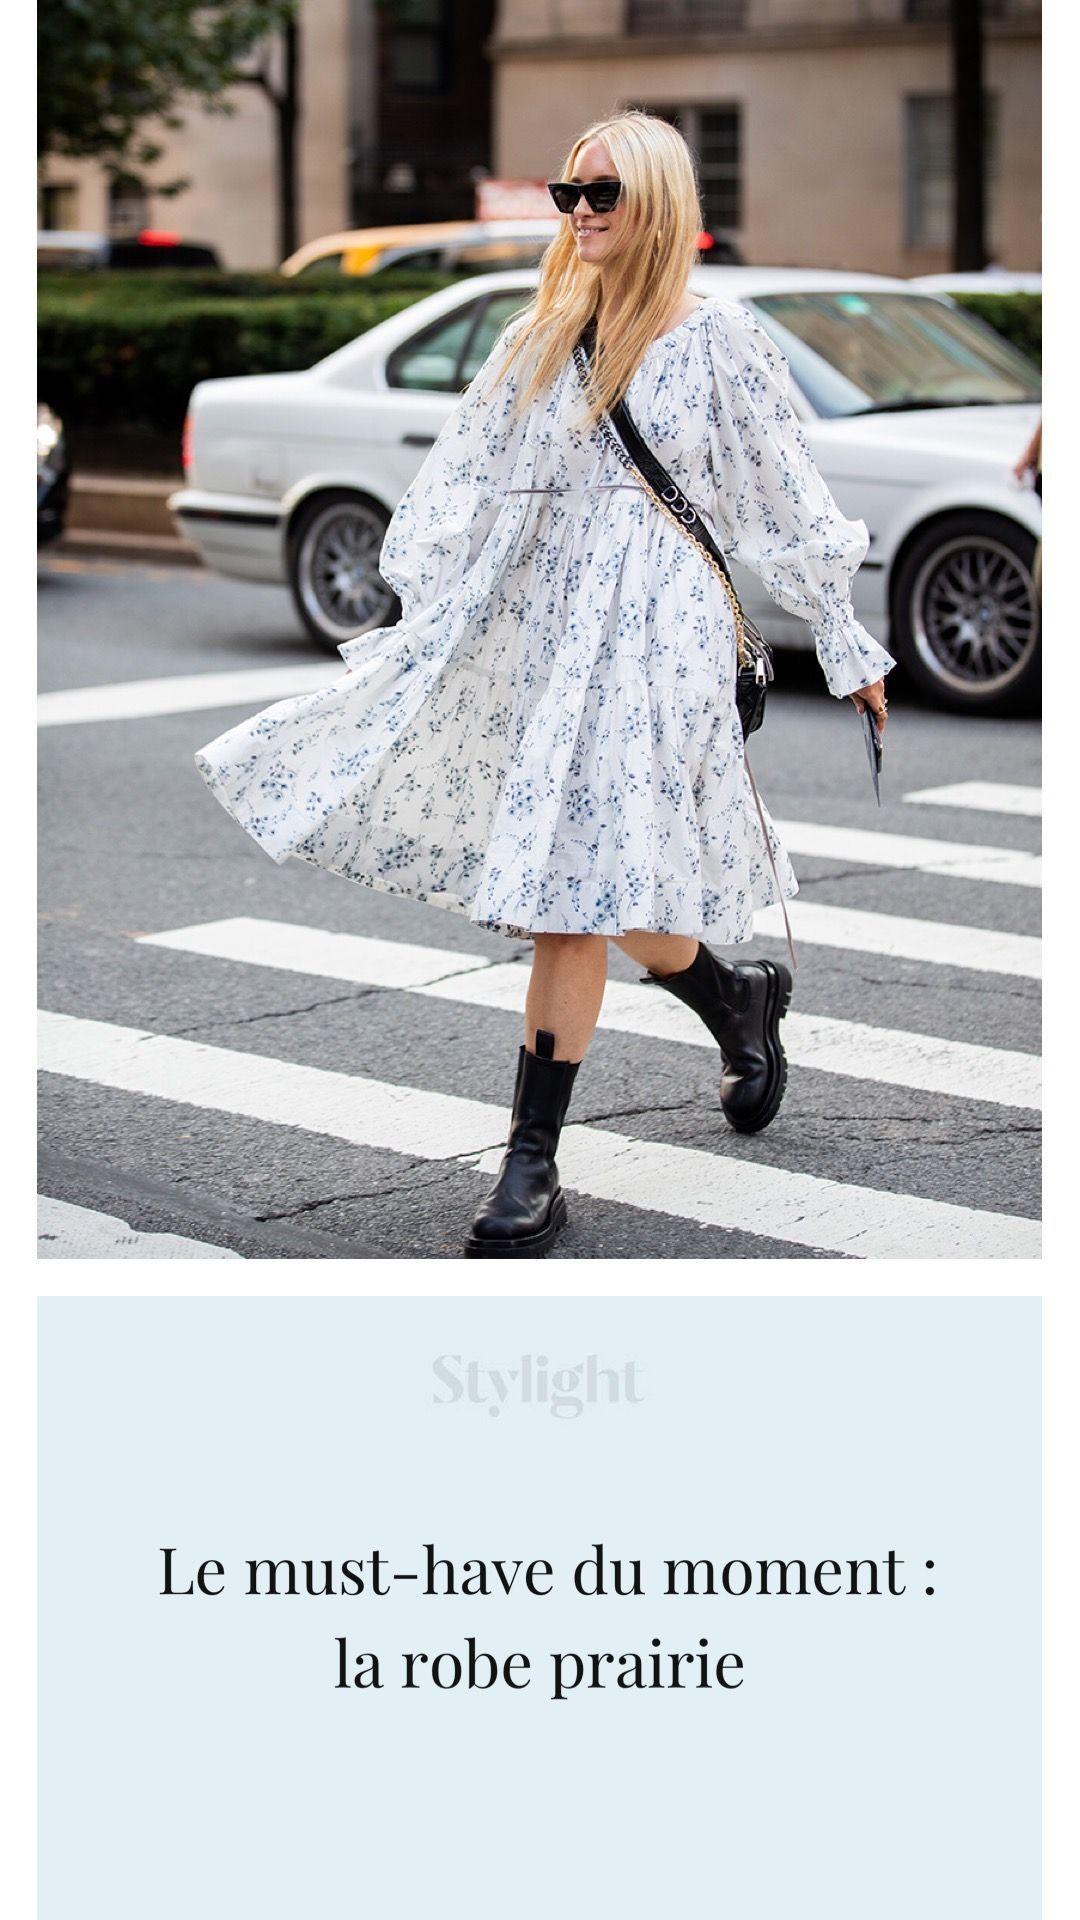 92 Best Passion Robes d'été images in 2020 | Fashion